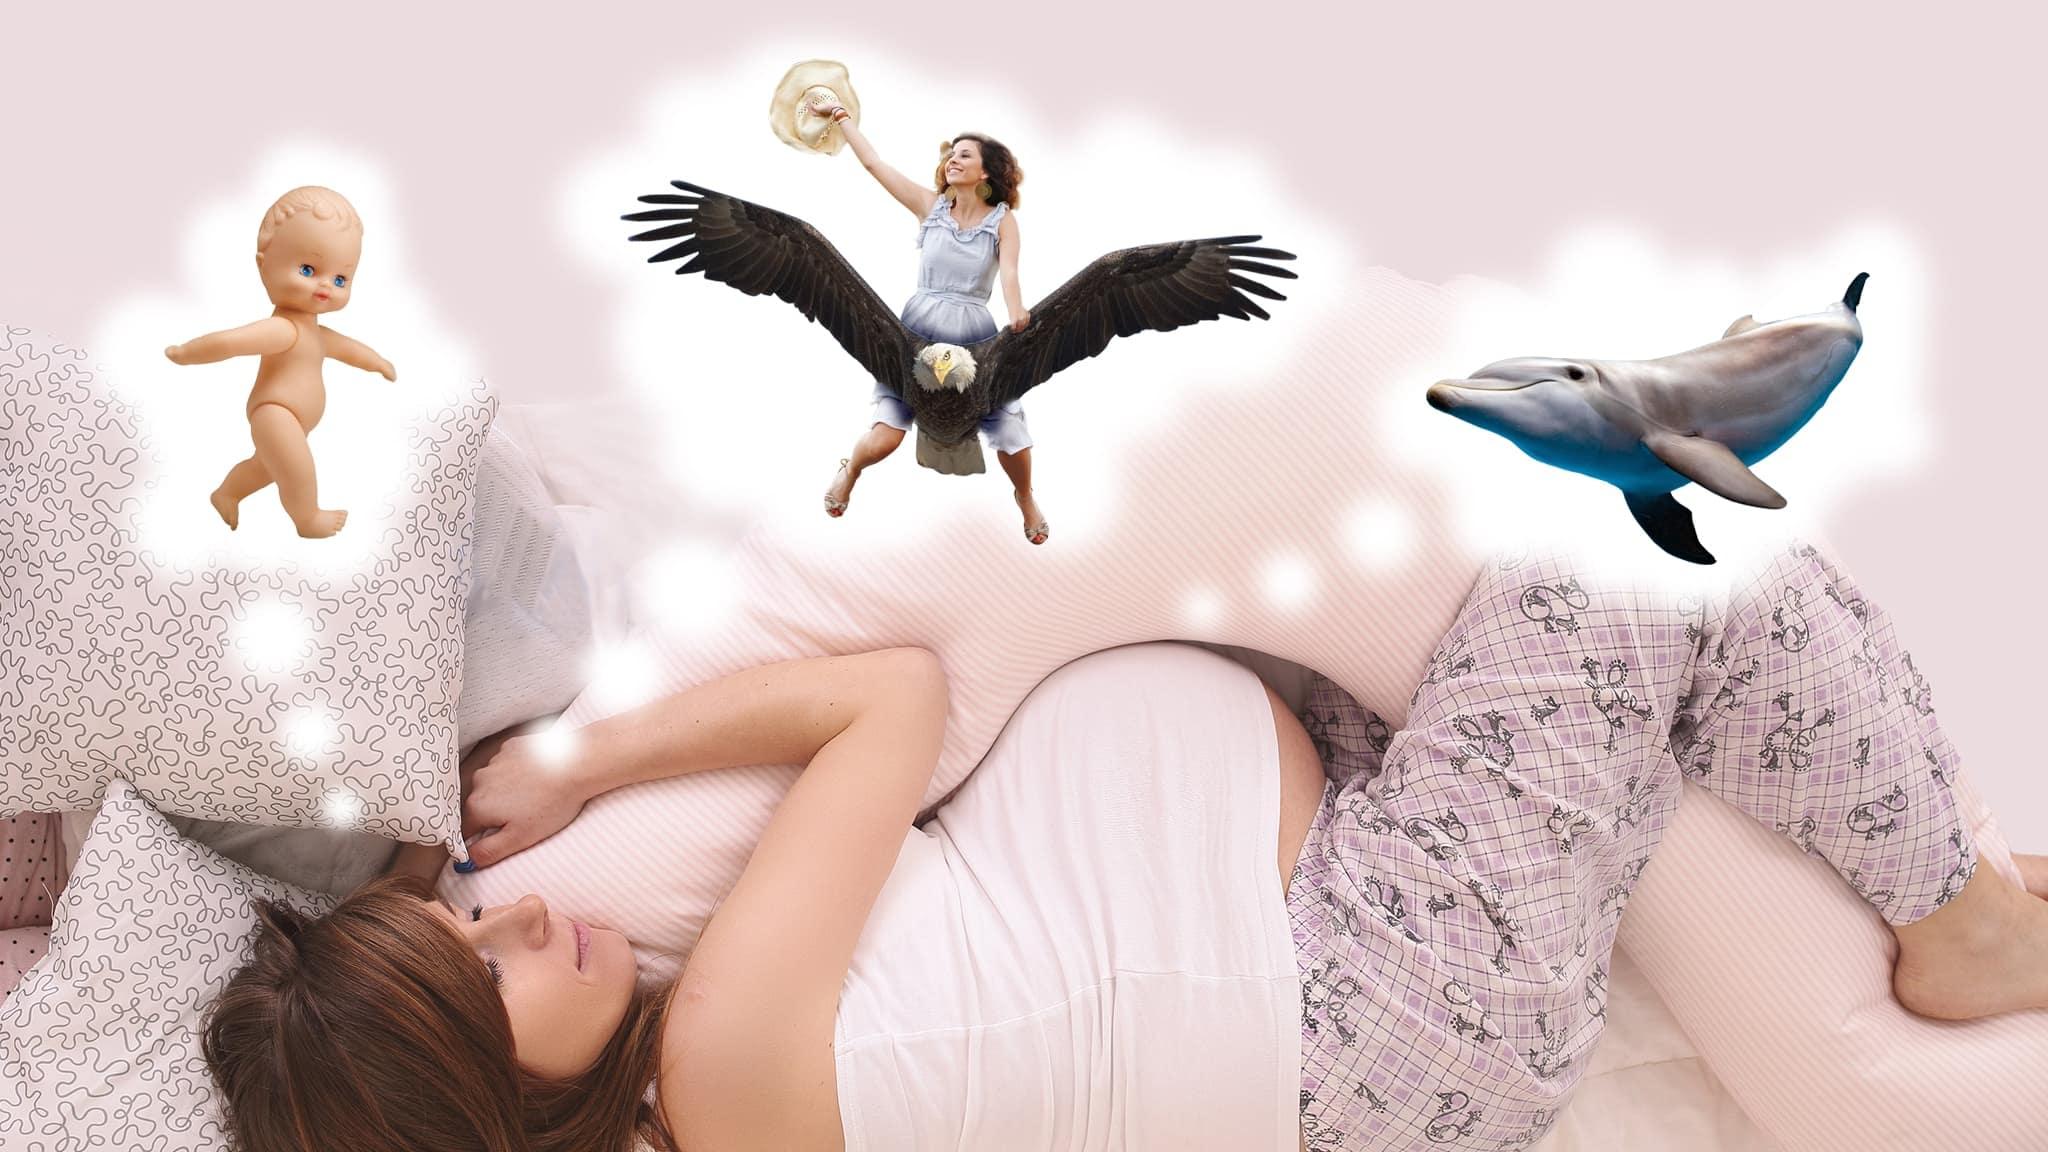 حلم الحامل بالعضو الذكرى للجنين لابن سيرين زيادة